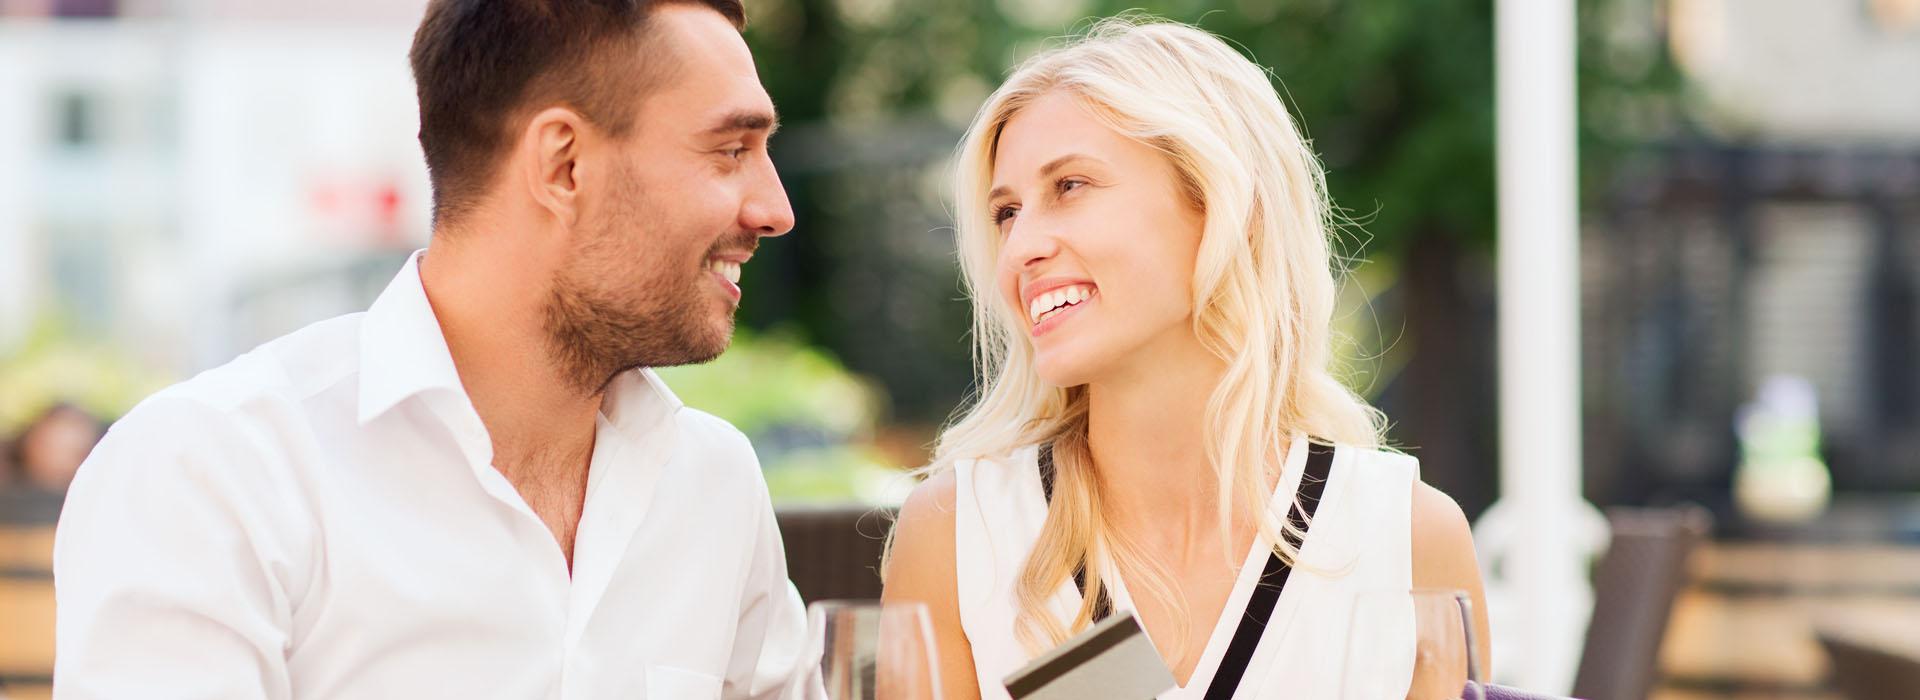 讓男生請客就是佔便宜?情侶約會時,是否該各付各的?